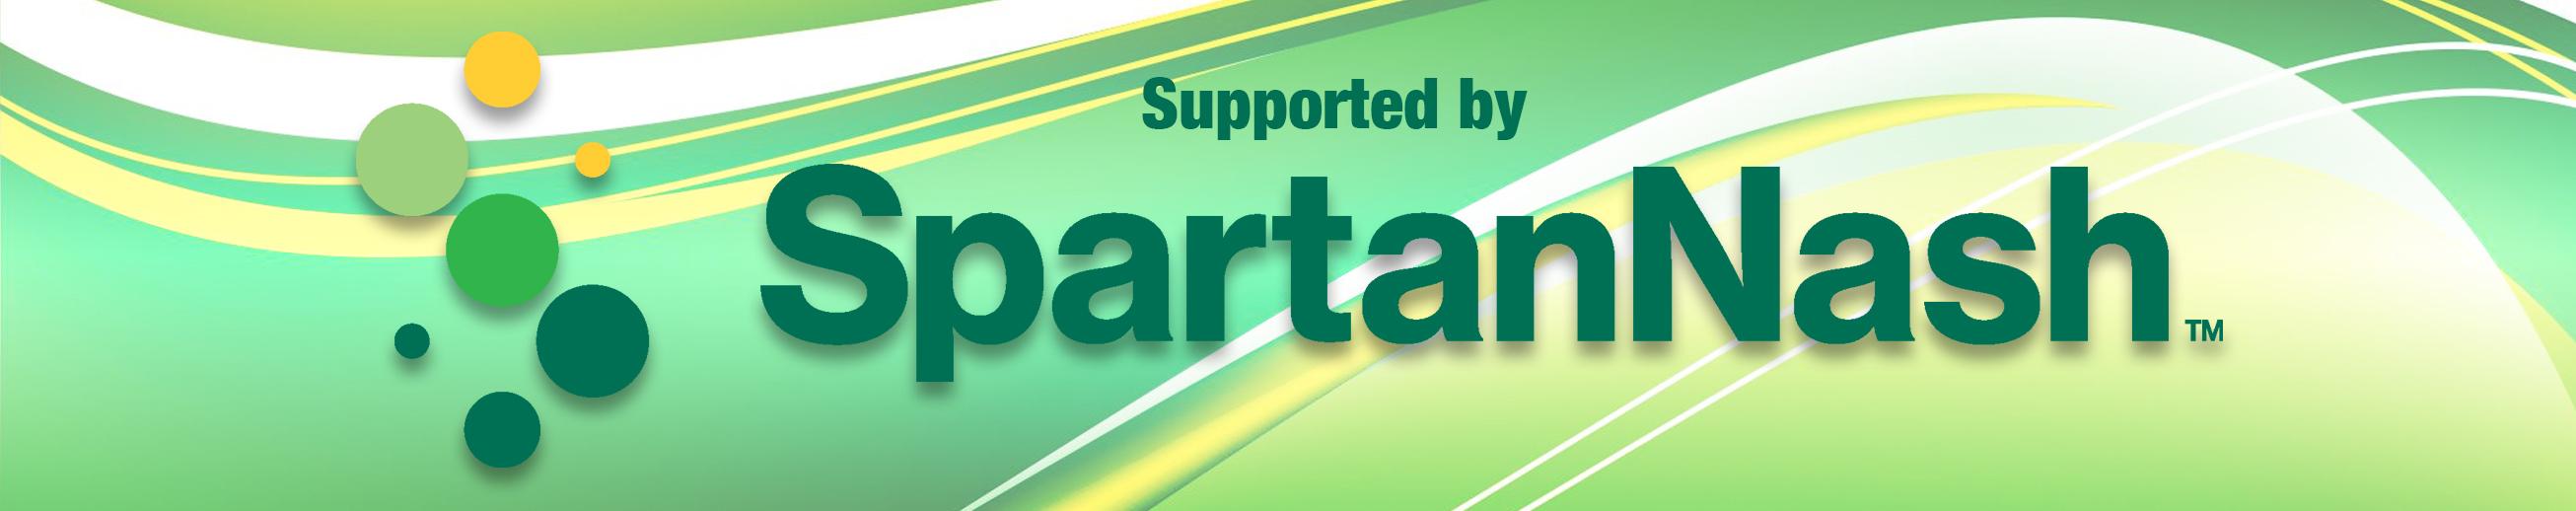 SpartanNash_h_tm_banner.jpg